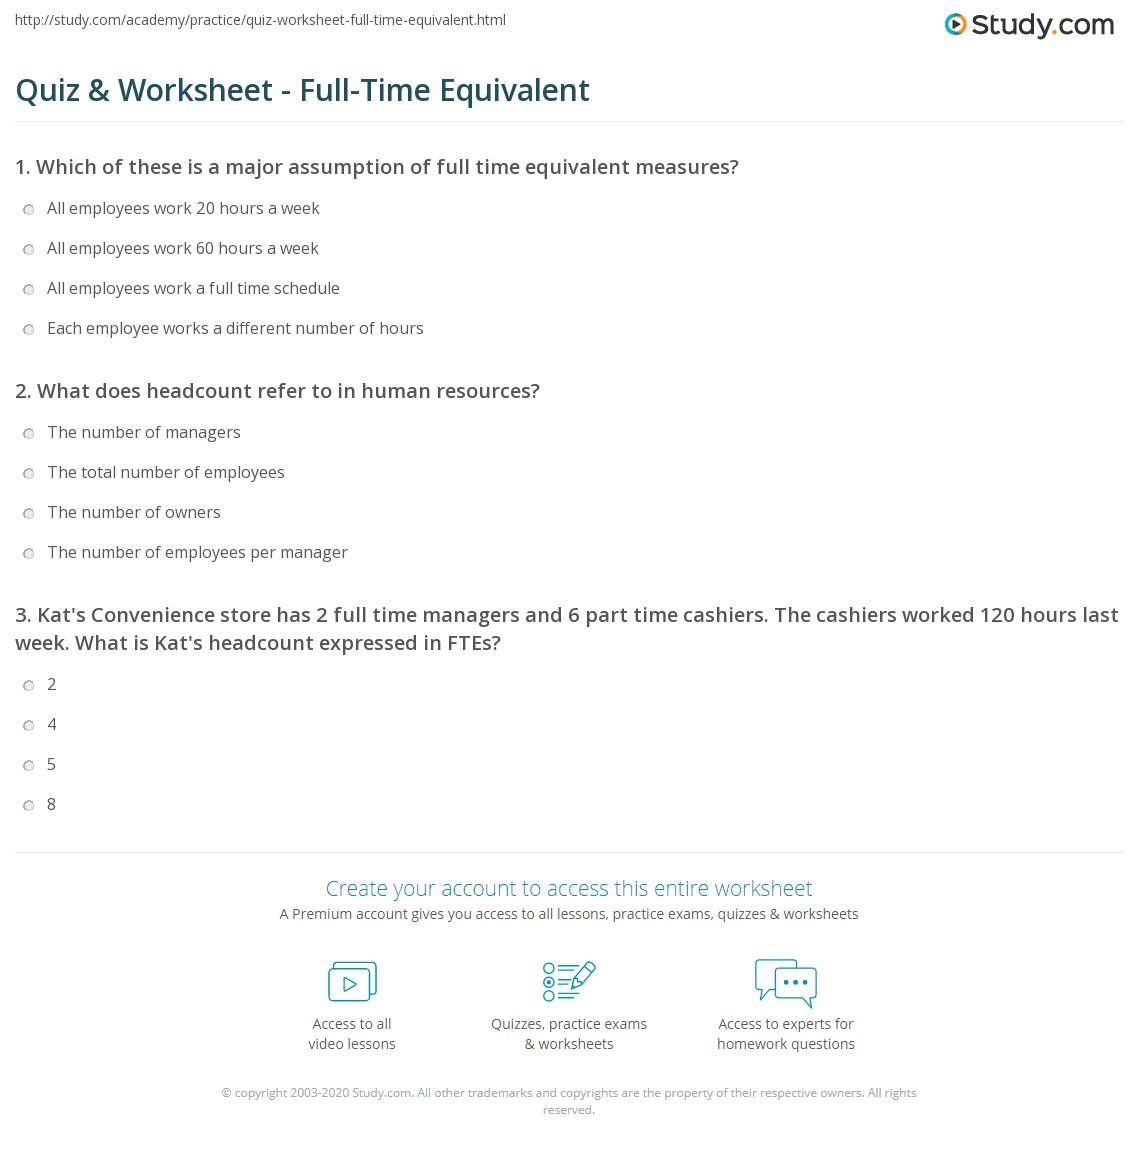 Worksheets Fte Calculation Worksheet quiz worksheet full time equivalent study com print definition uses example worksheet